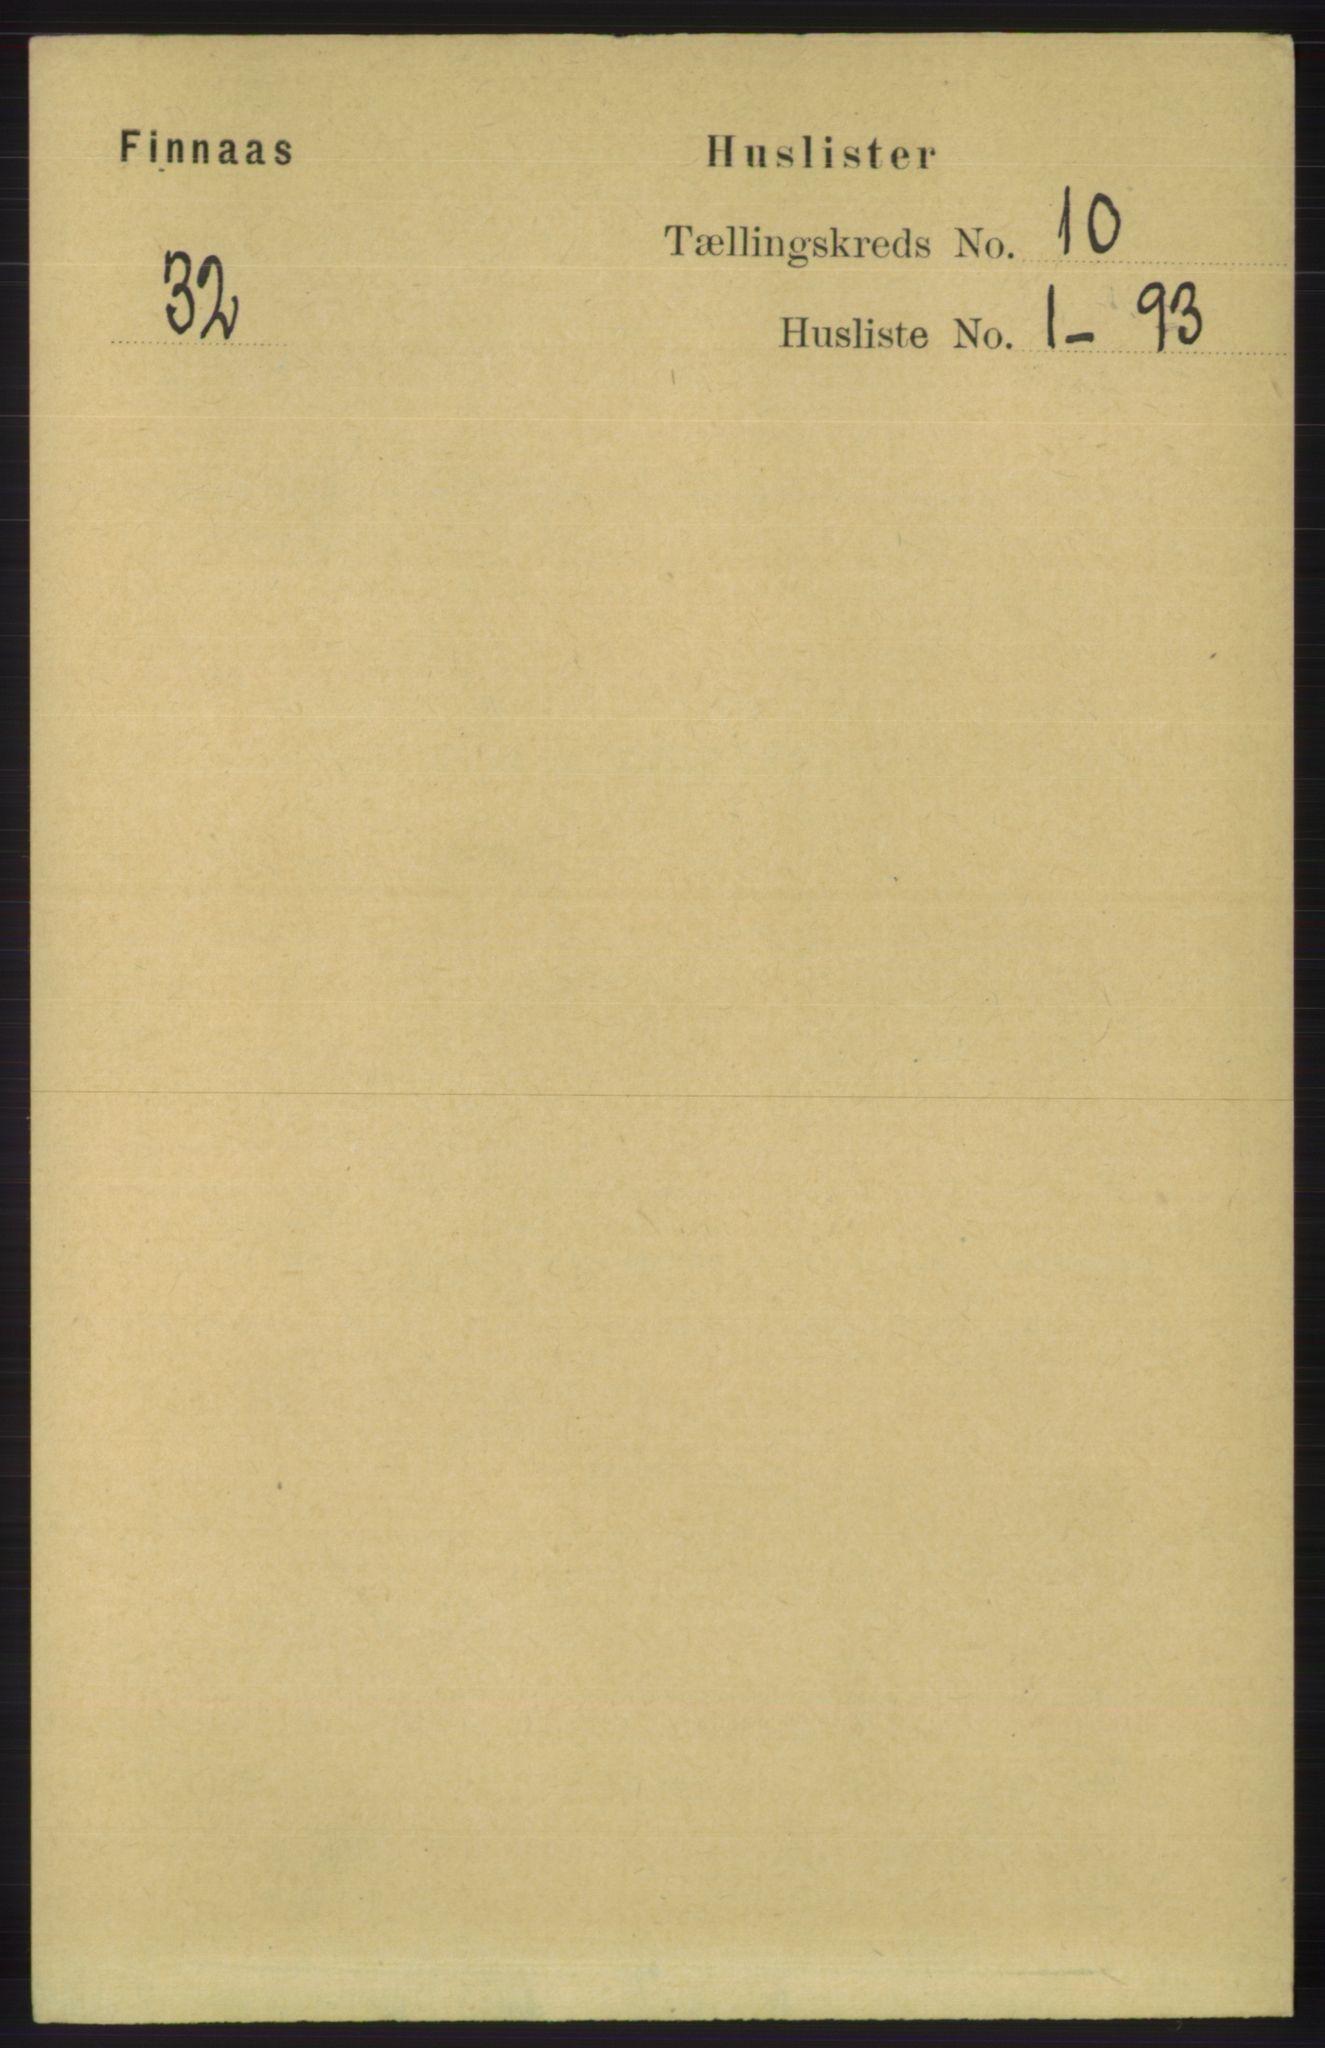 RA, Folketelling 1891 for 1218 Finnås herred, 1891, s. 4421